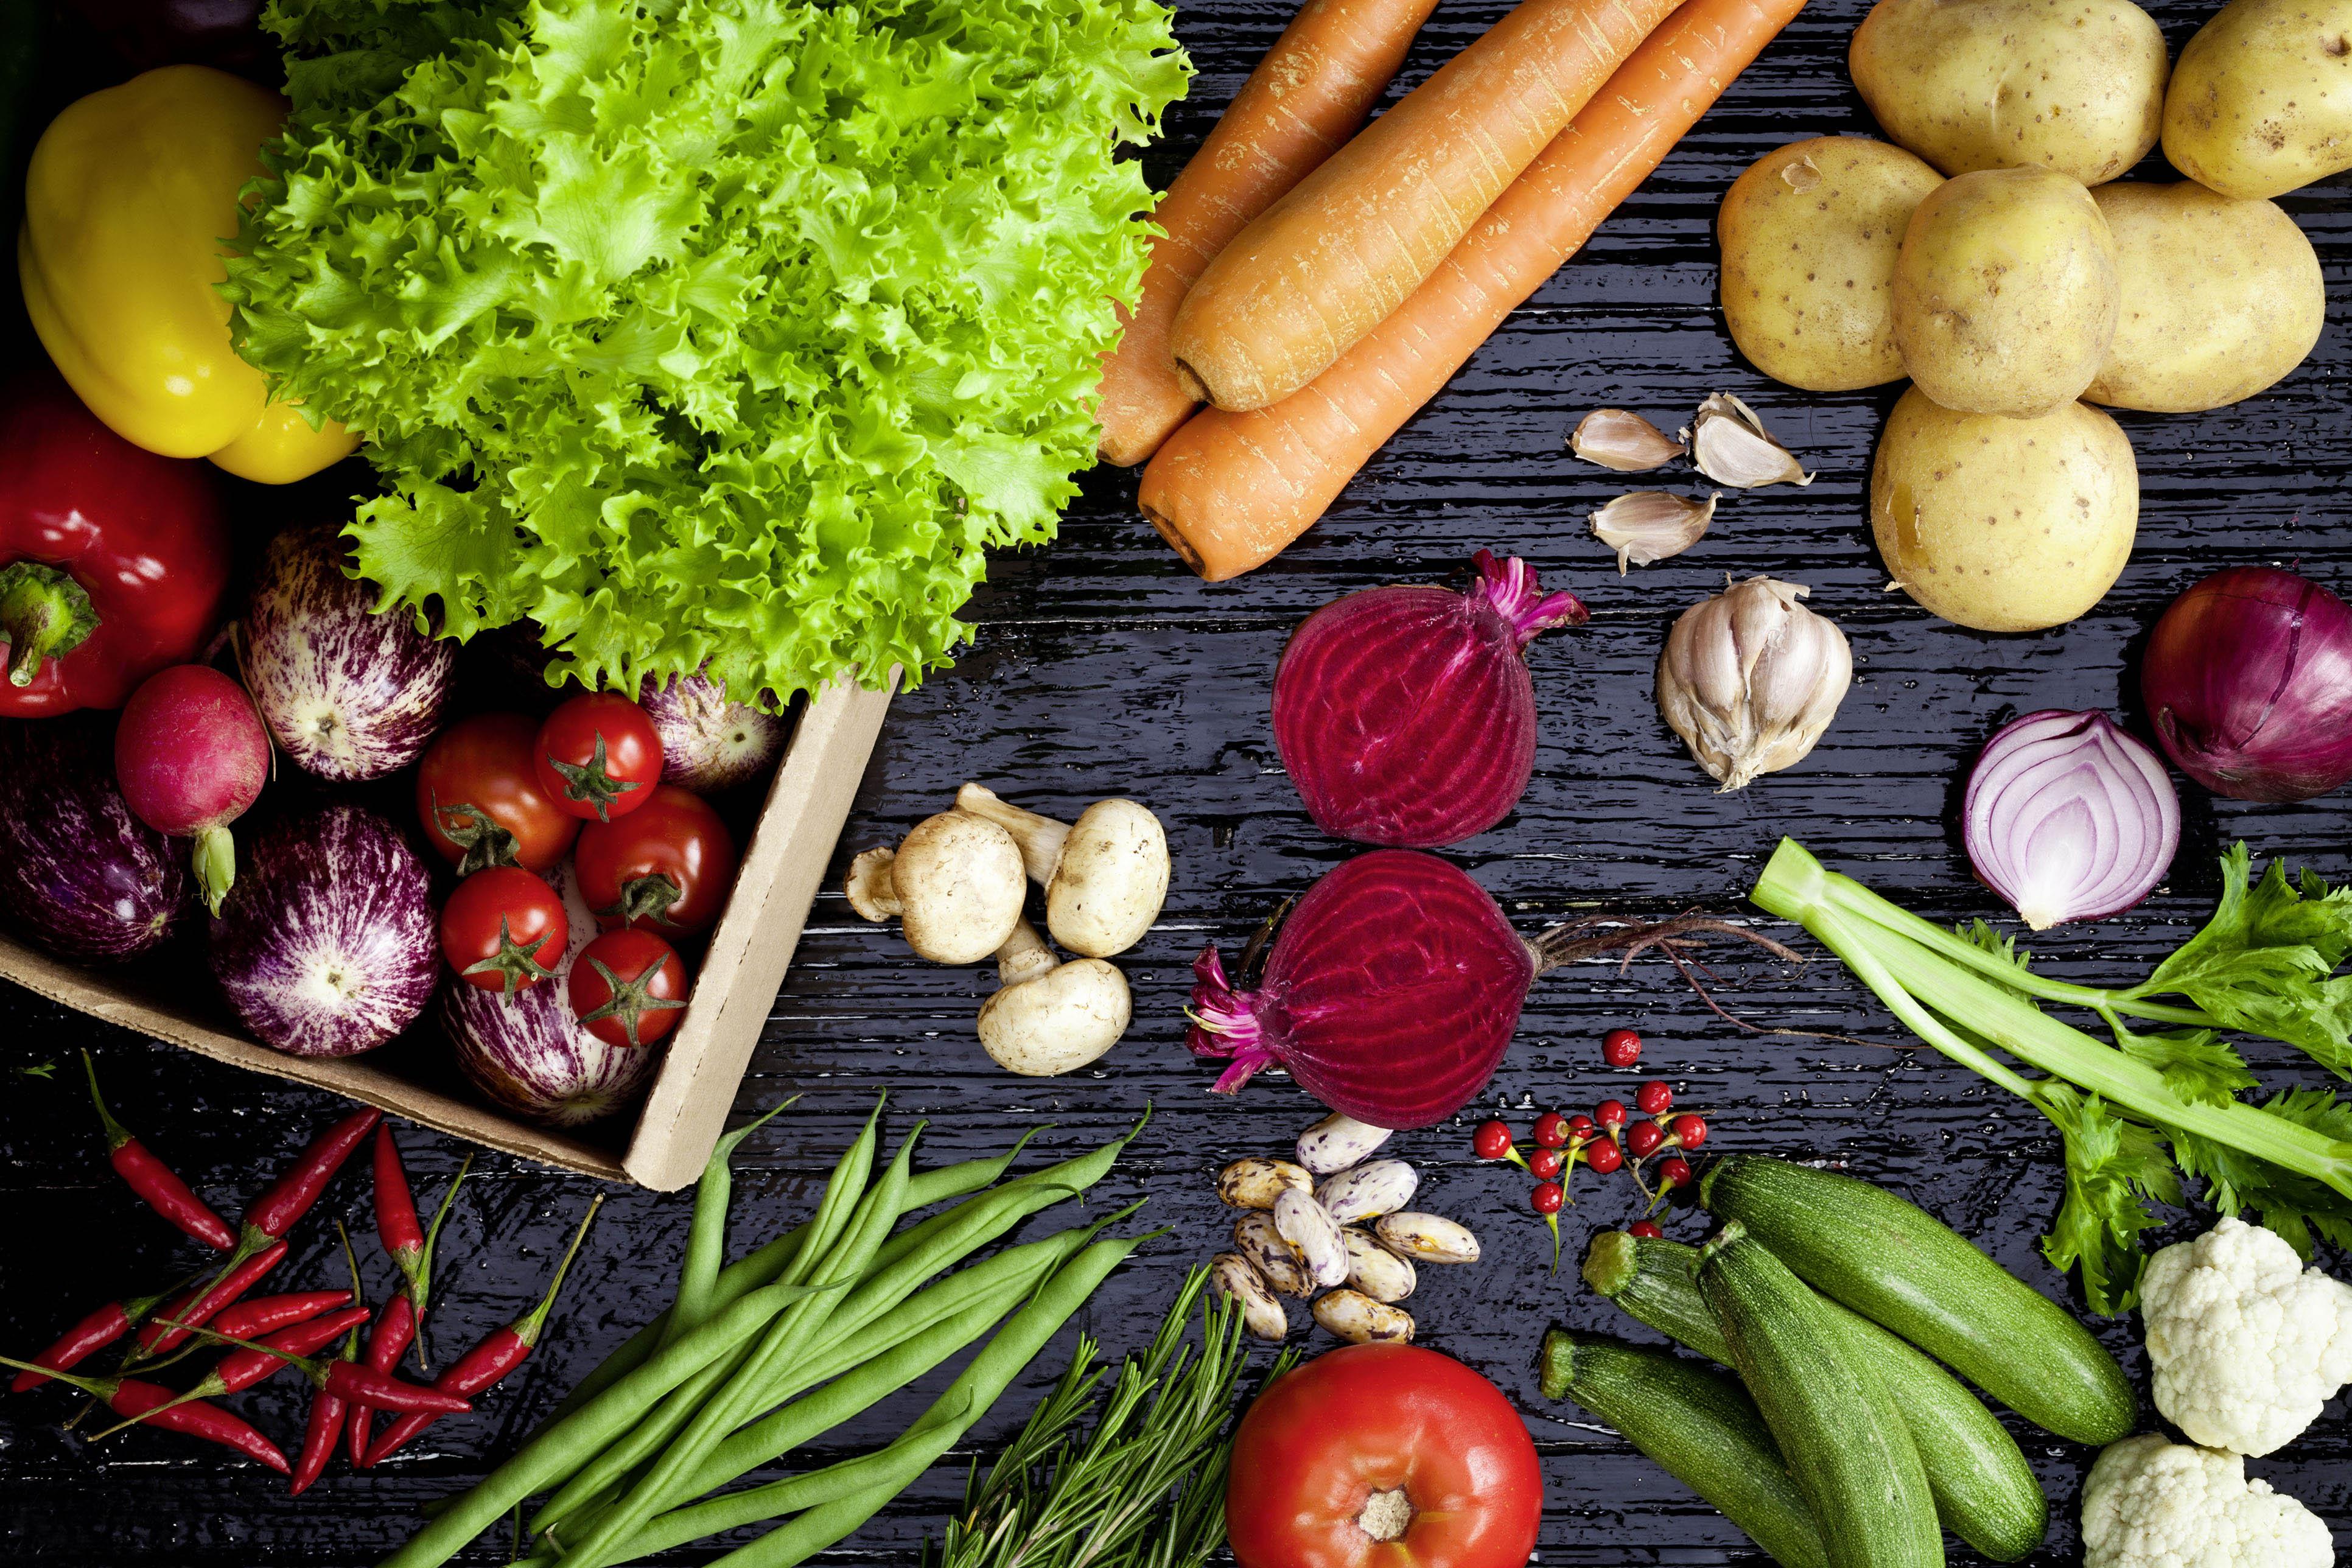 Viel frisches Obst und frisches Gemüse aus der Vogelperspektive